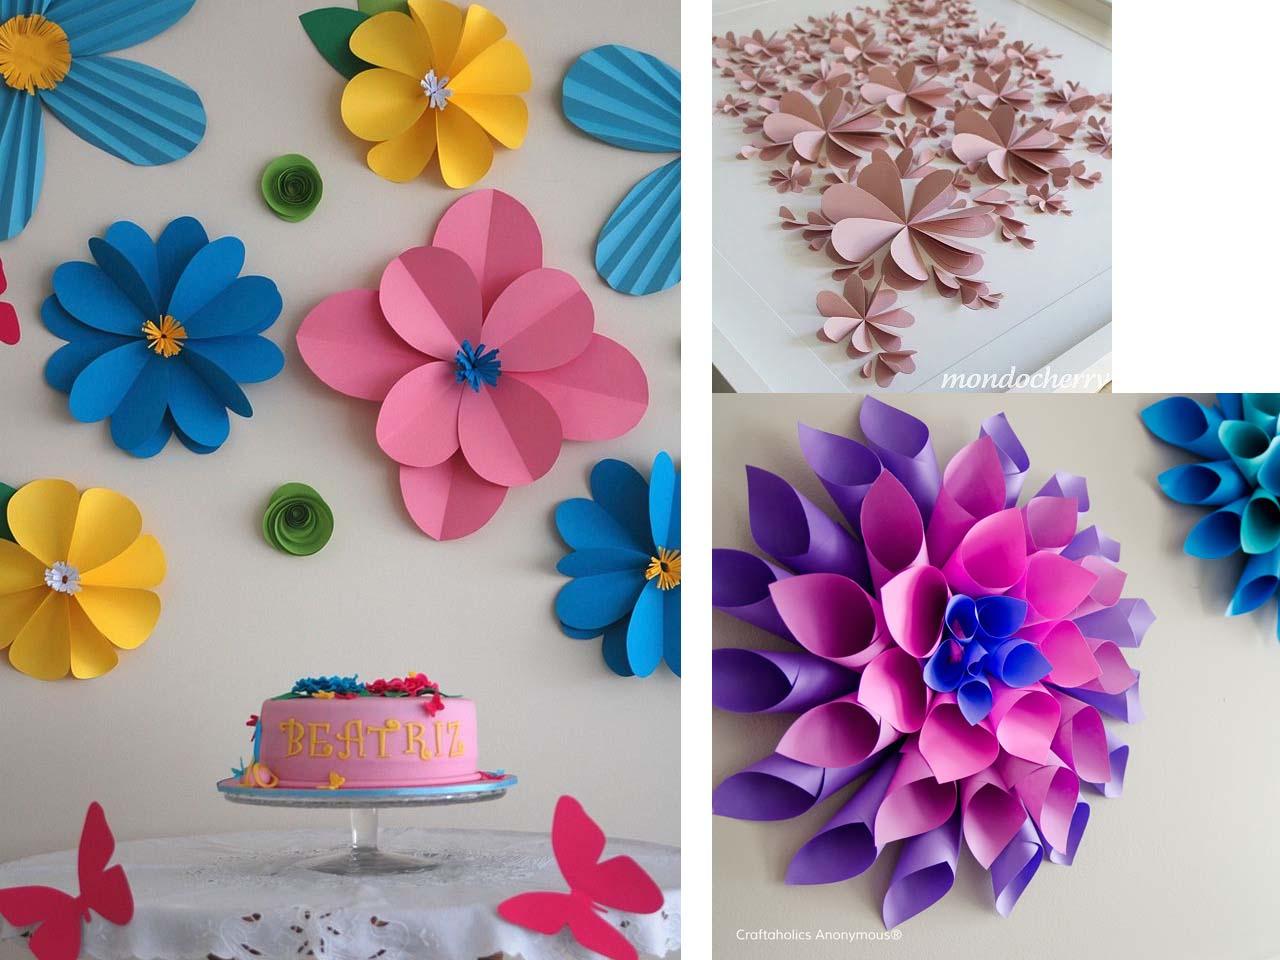 8 trucos de decoraci n con flores para respirar naturaleza - Decorar con papel ...